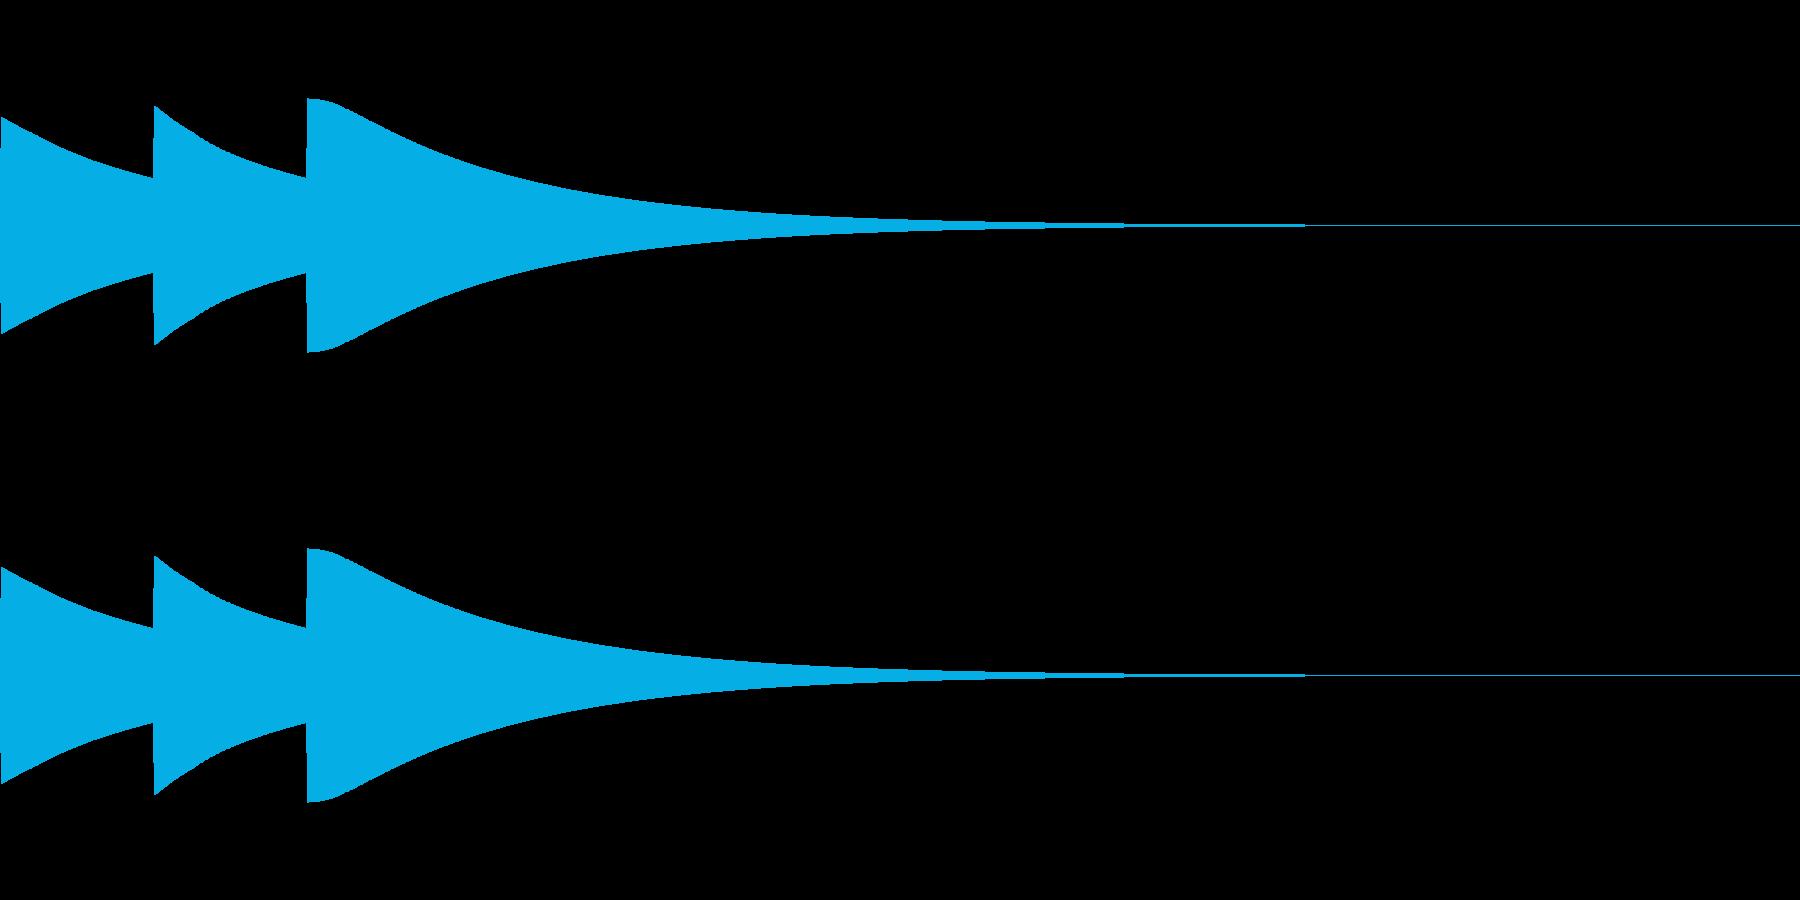 ベル/ポポポン/システム/金属/3の再生済みの波形